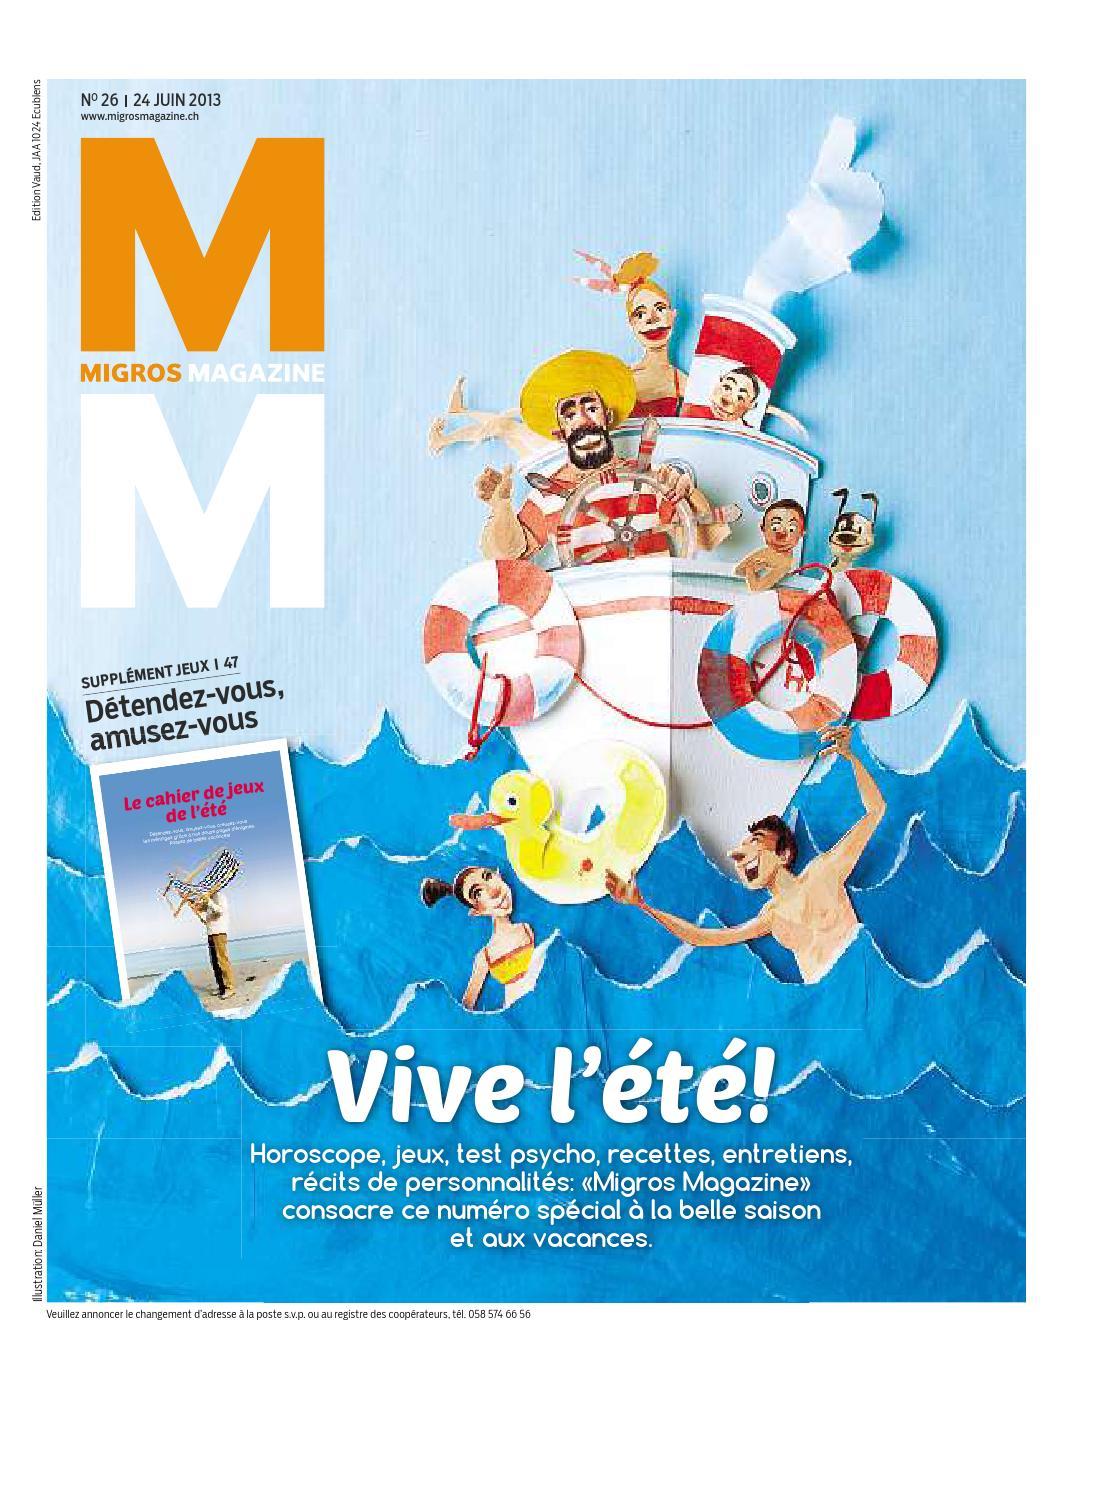 Migros magazin 26 2013 f vd by Migros-Genossenschafts-Bund - issuu 3ee62ca961c8